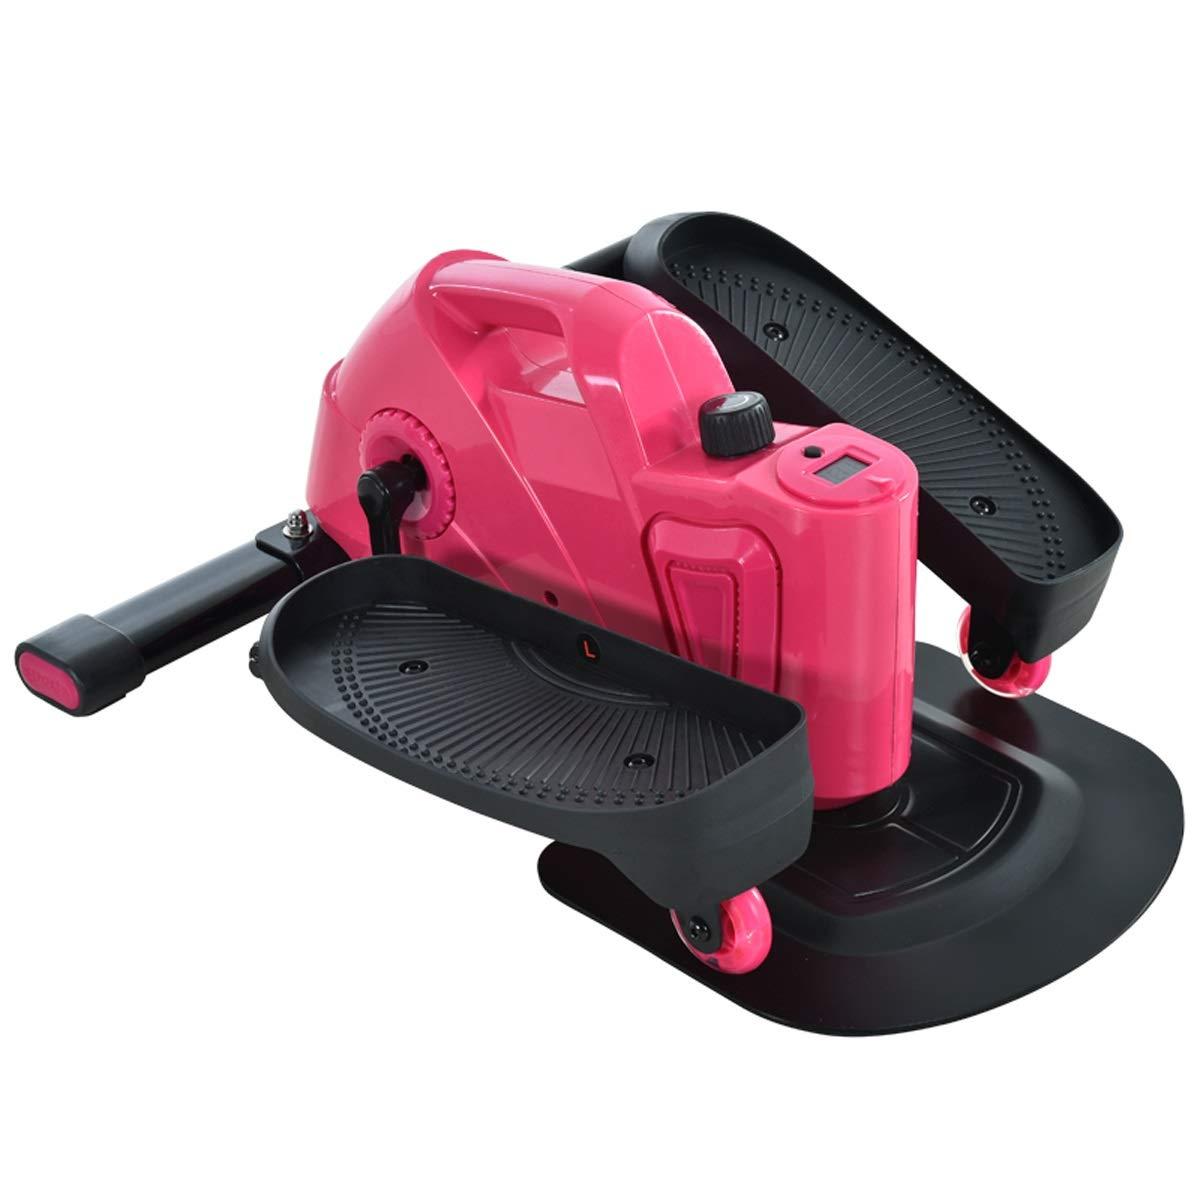 家庭用減量機ミニジョギング楕円機ランニングペダル機小型フィットネス機器サイレント